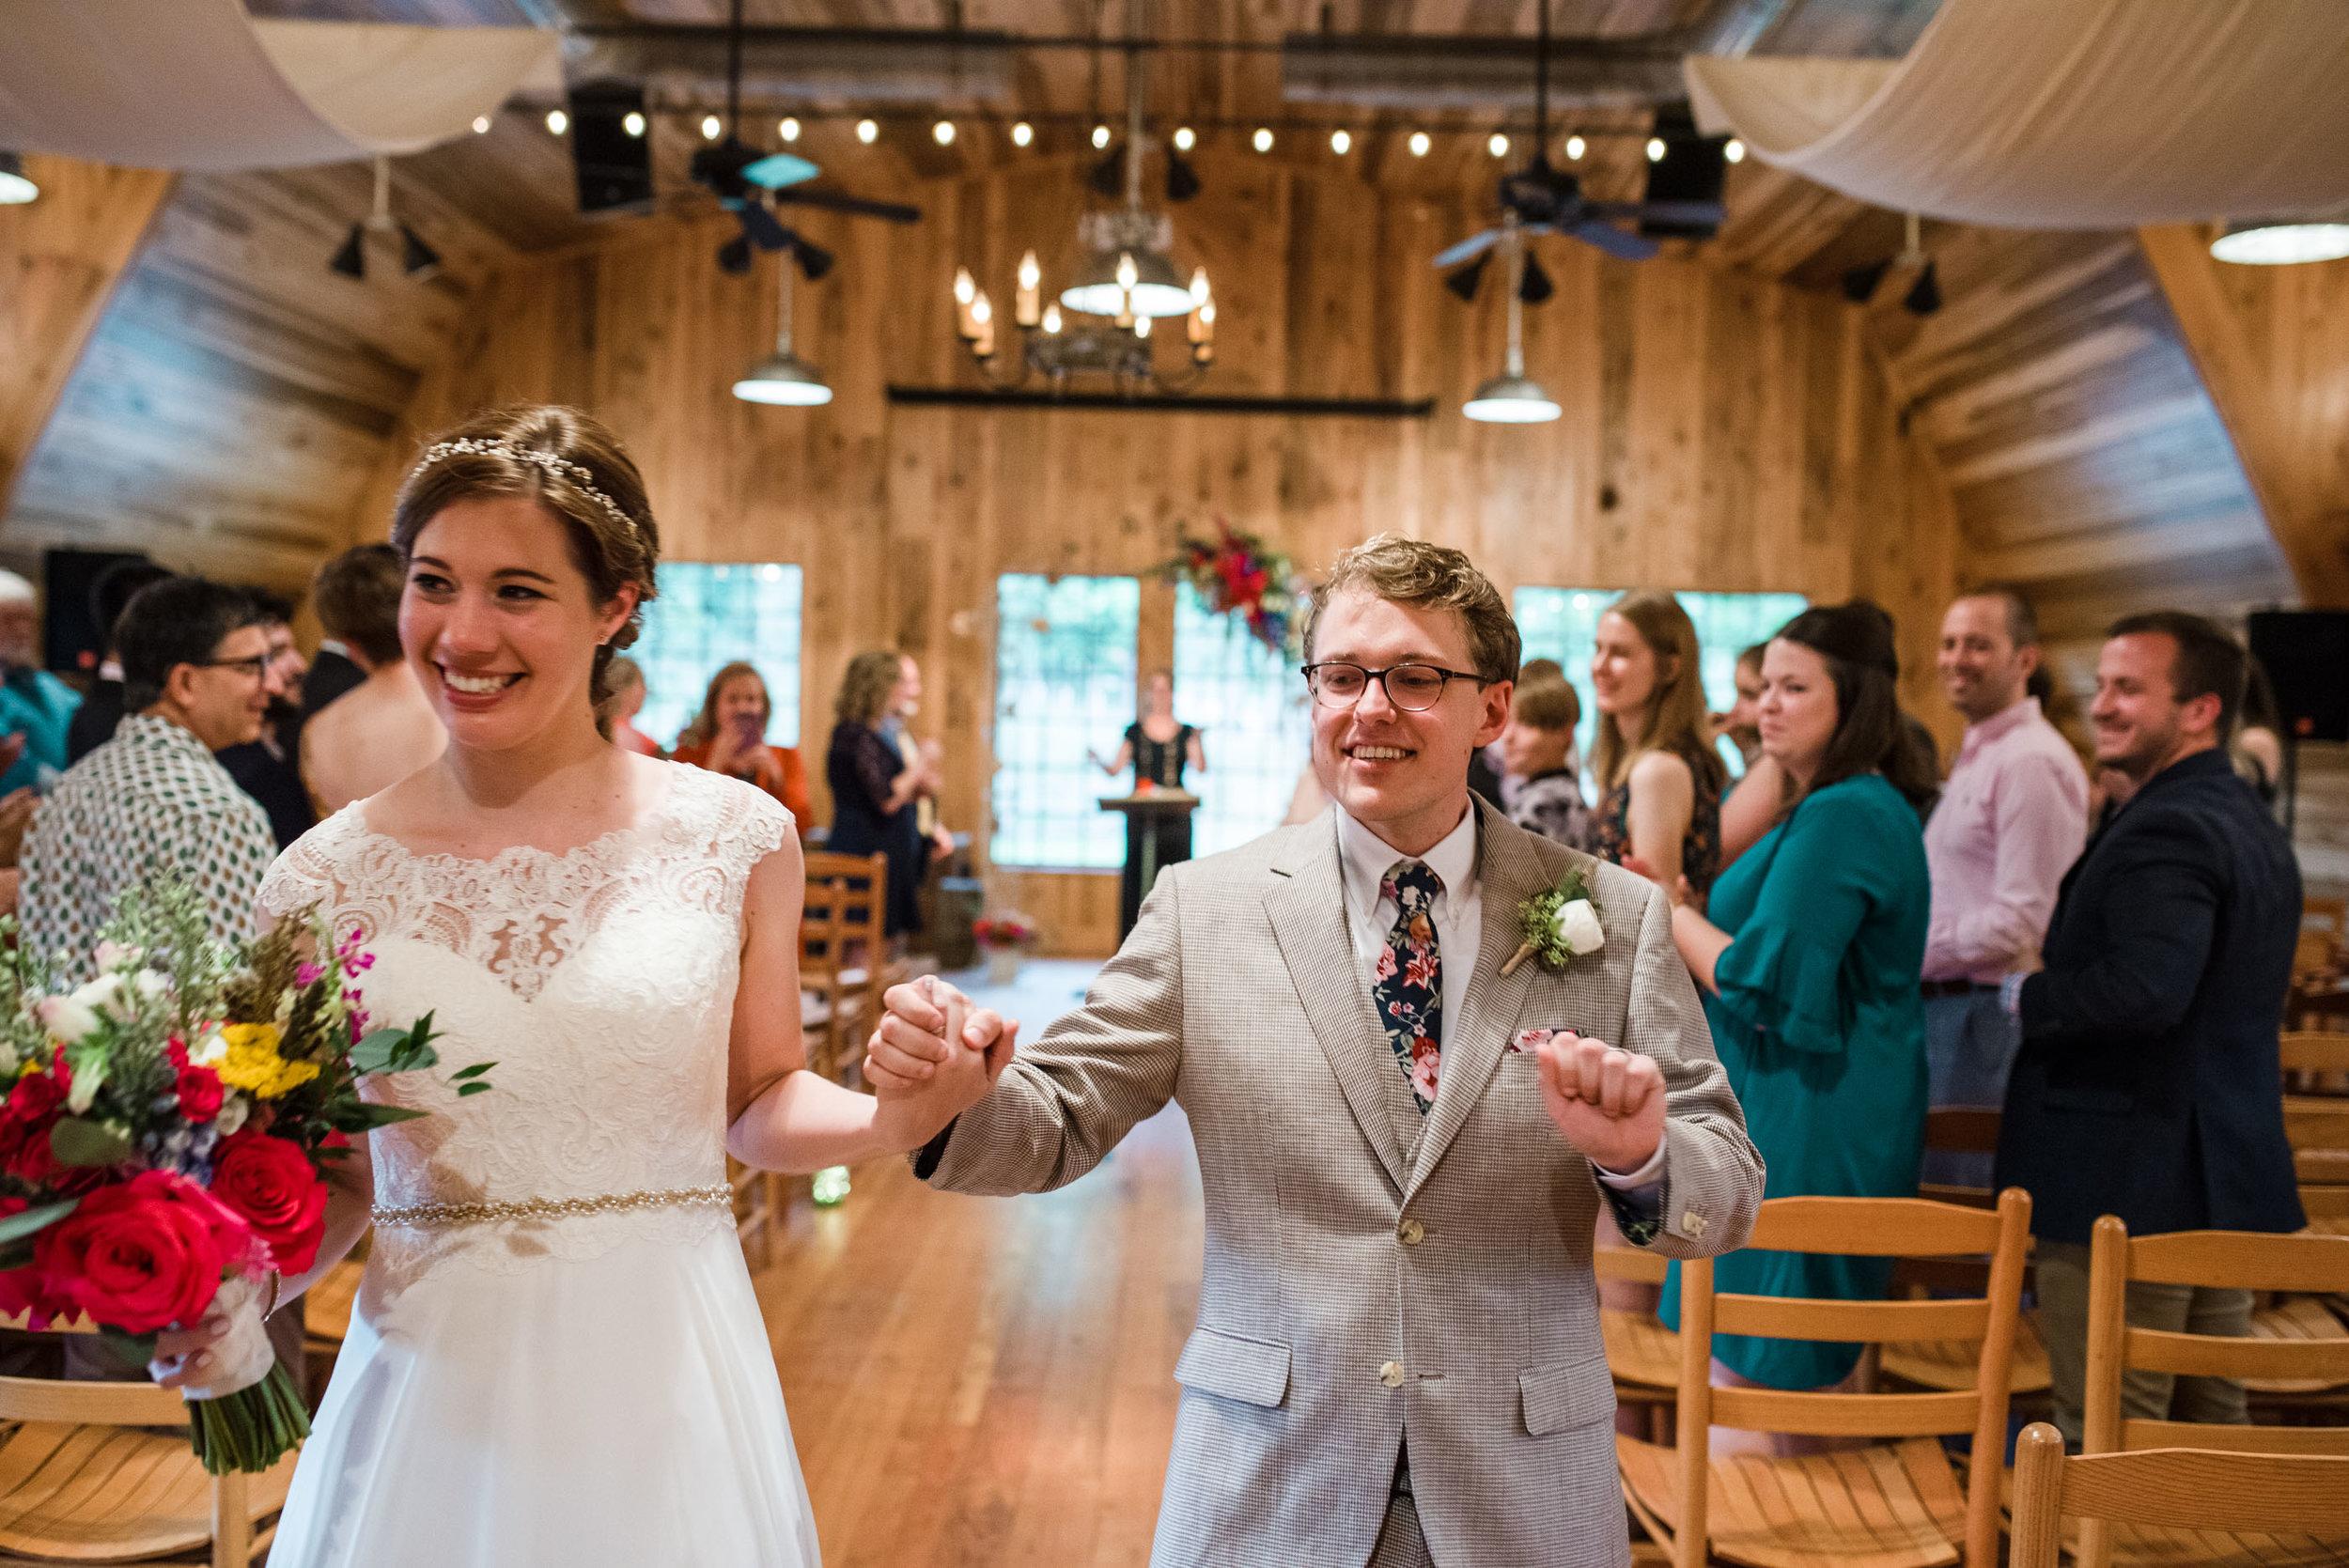 2018_09_15_paul_mary_wedding_asheville-j-6910.jpg